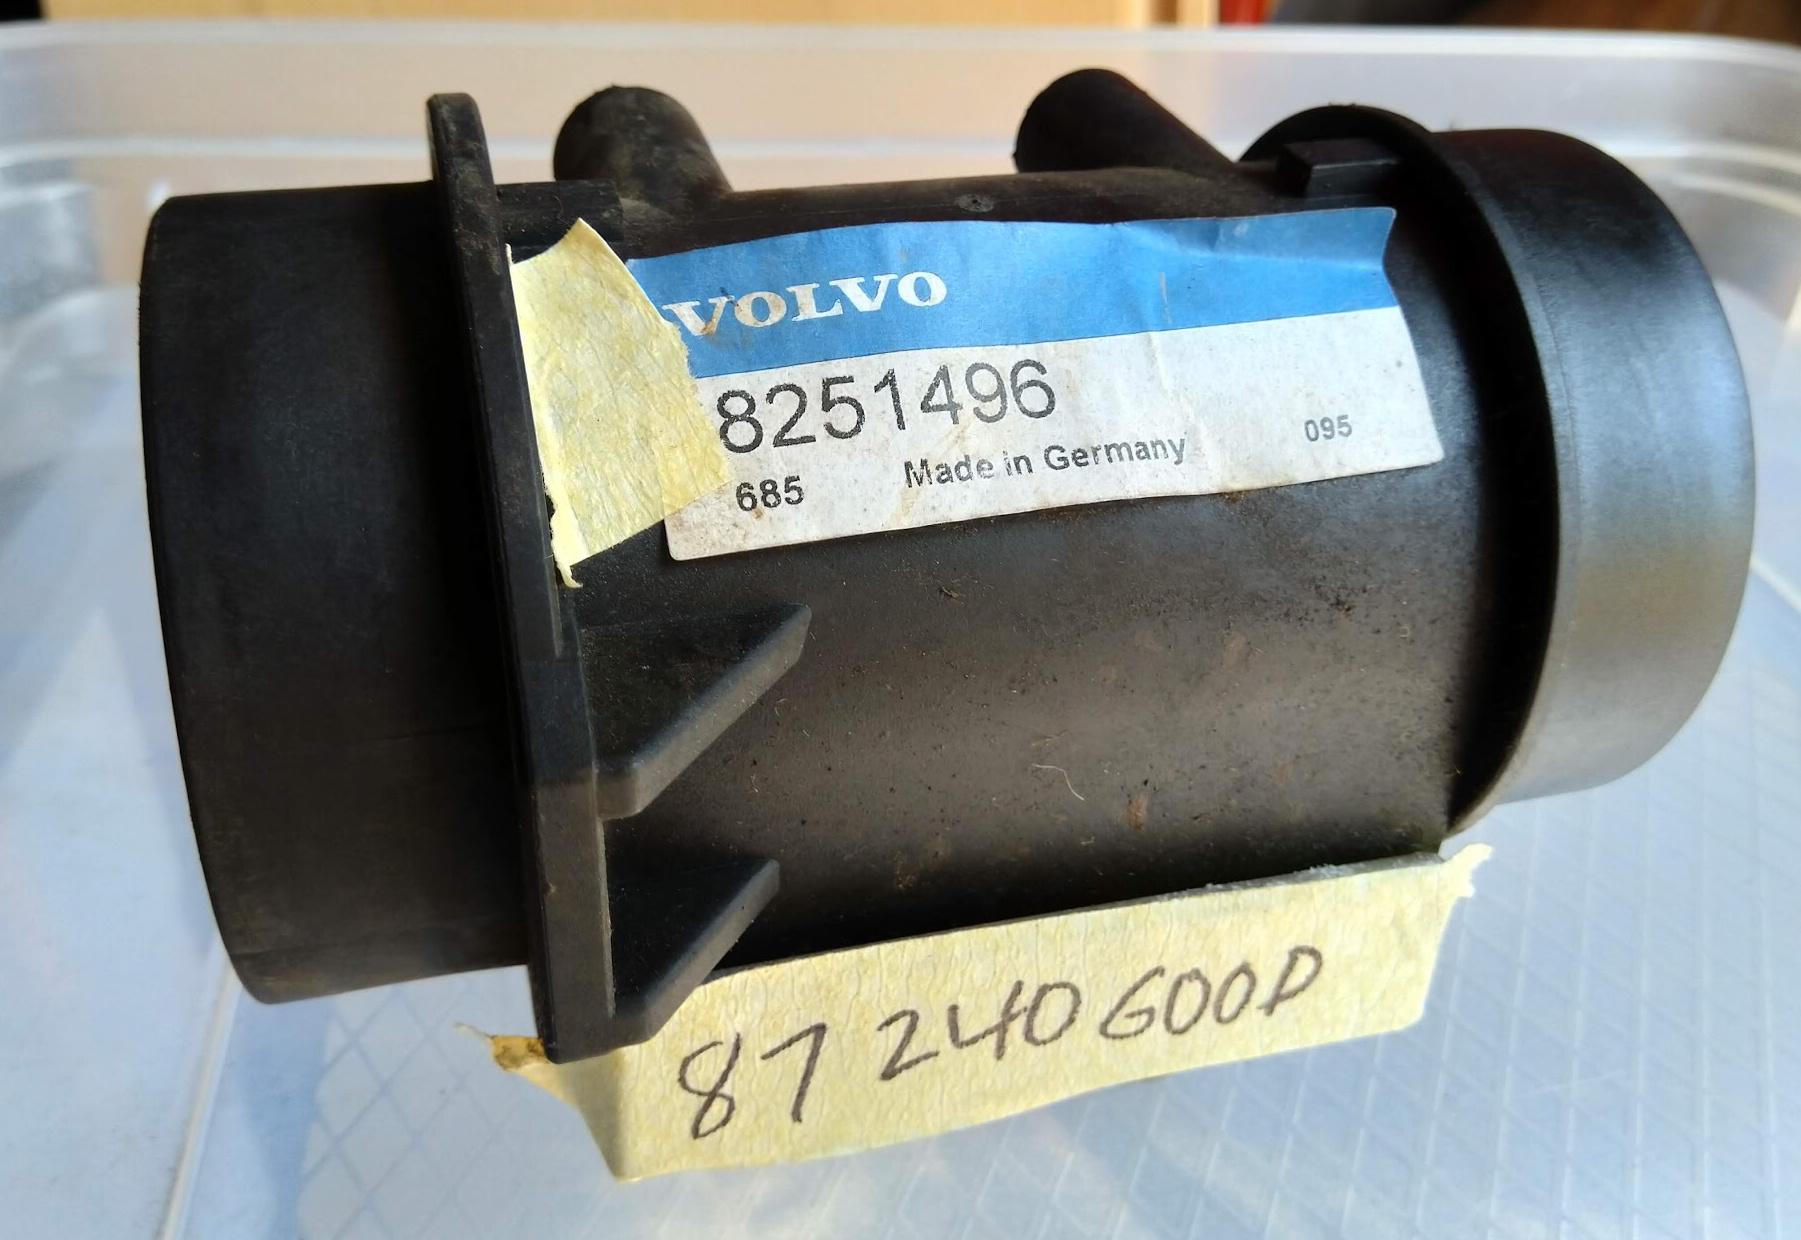 666315F9-A1D5-4C92-A860-55014812DB90.jpeg